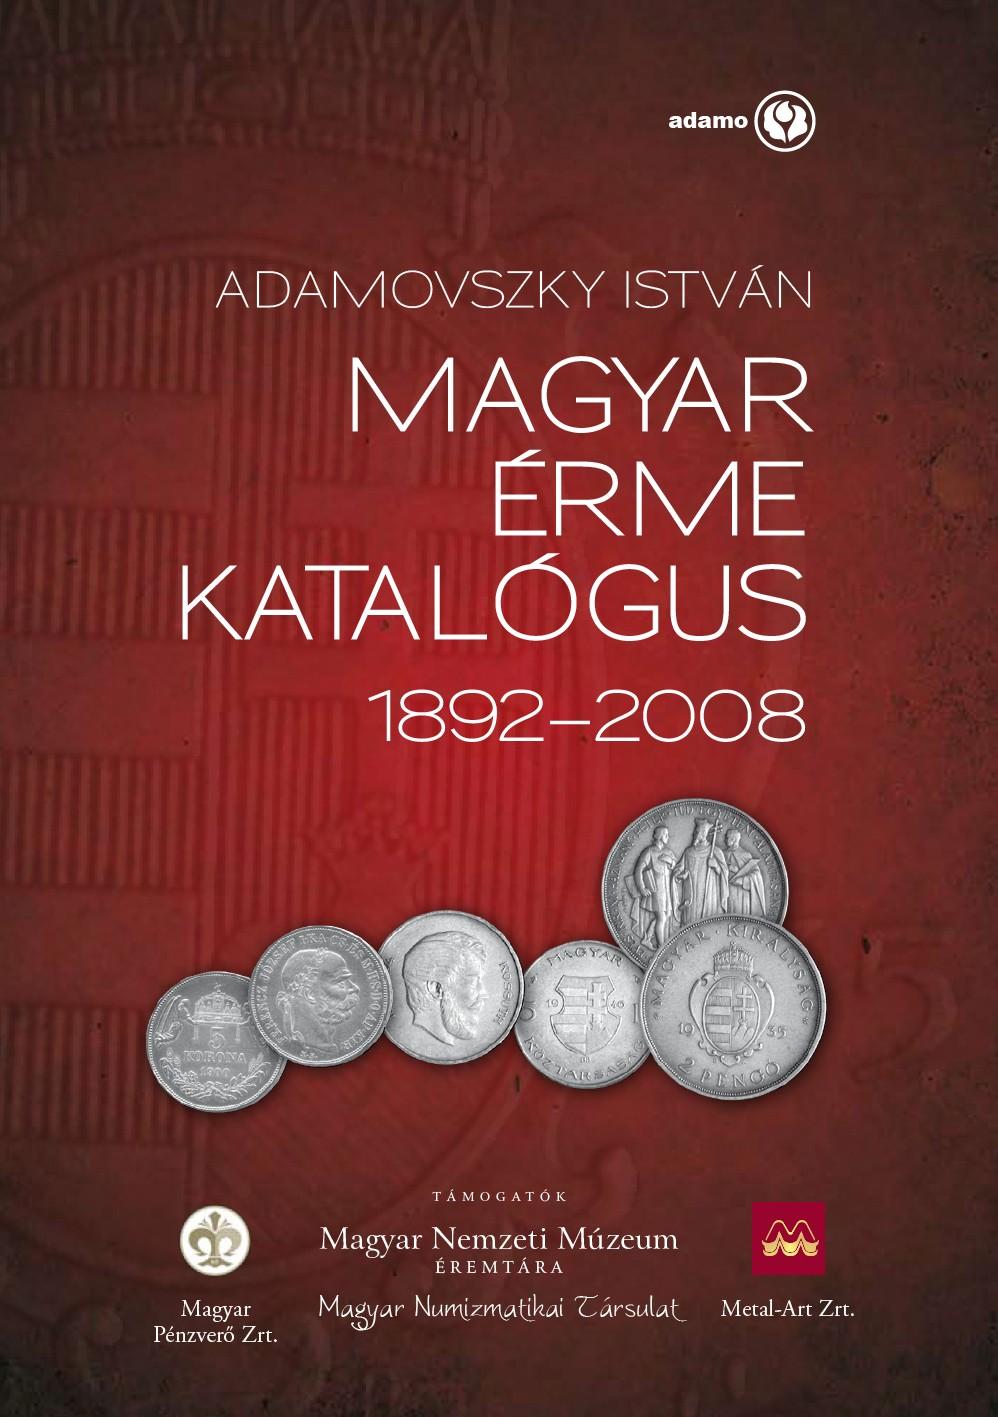 http://www.koronaportal.hu/konyvek/adamovszky_magyar_erme_katalogus_1892-2008_nagy.jpg